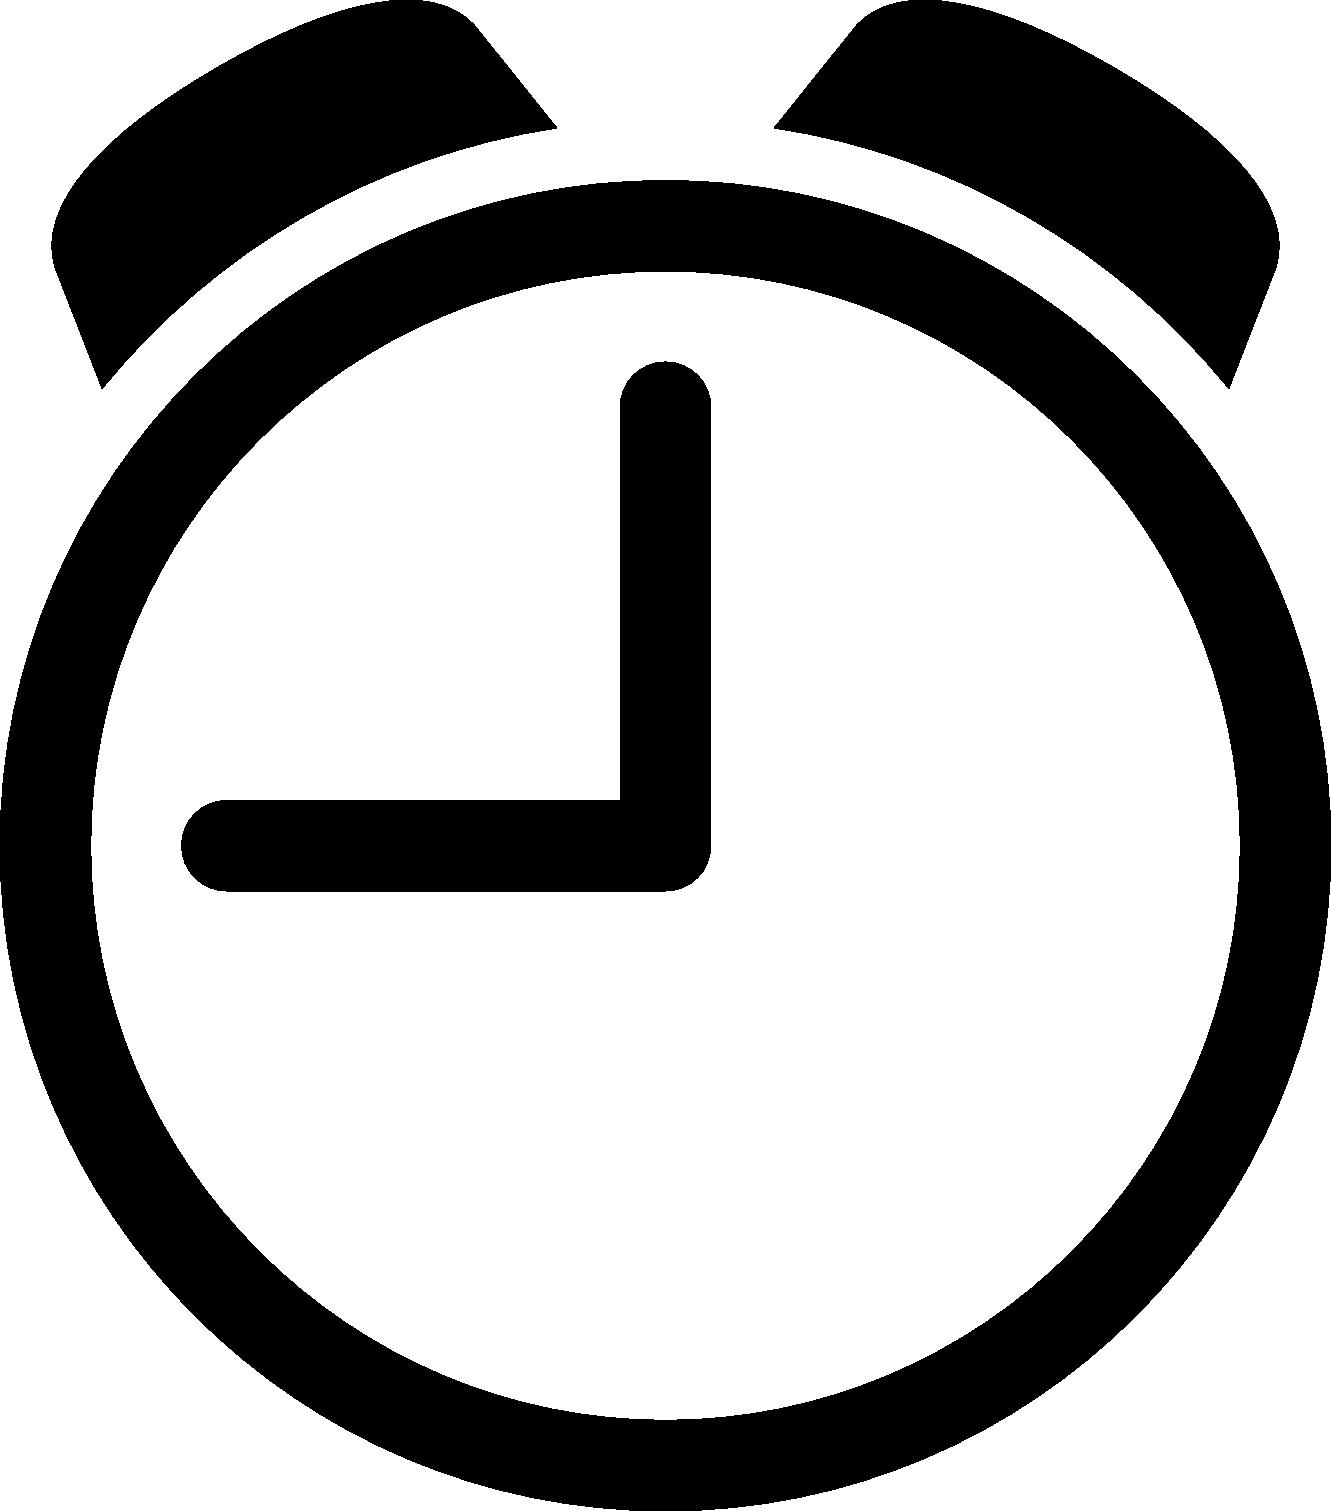 Clock PNG Image - Clock Clipart PNG